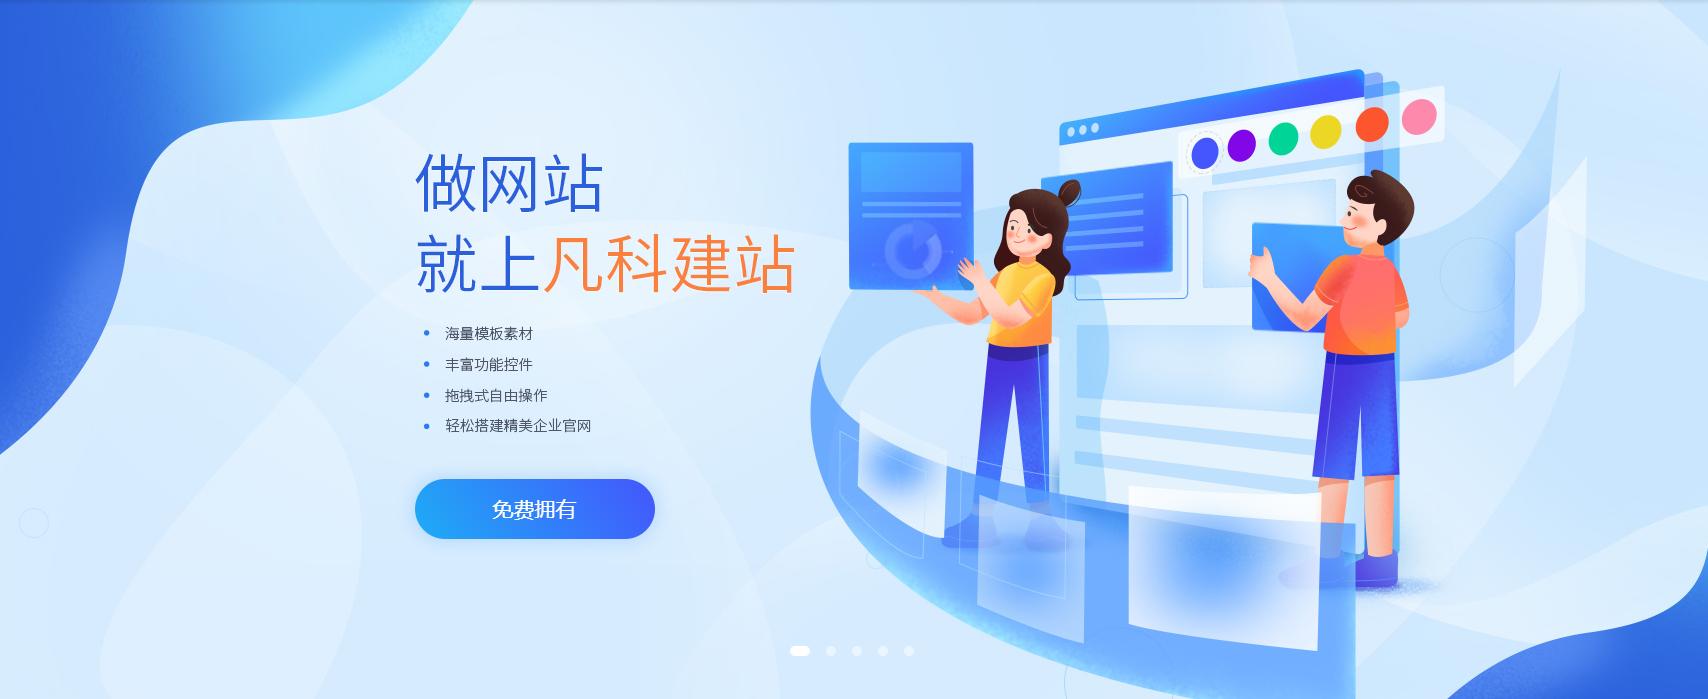 工艺品水墨高端中国风网站模板在线制作